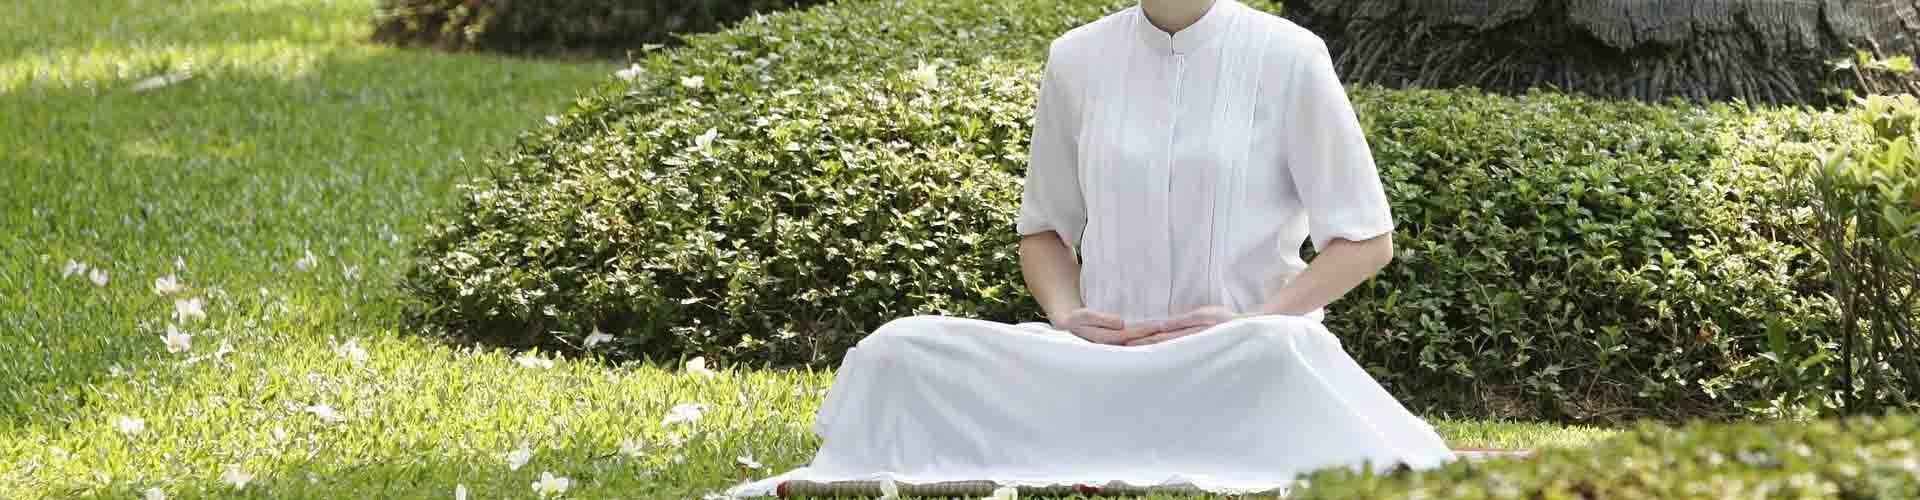 esperienze olistiche ritiro di meditazione attiva B&B & Centro di Meditazione Attiva Zorba Il Buddha Passerano Marmorito (AT)